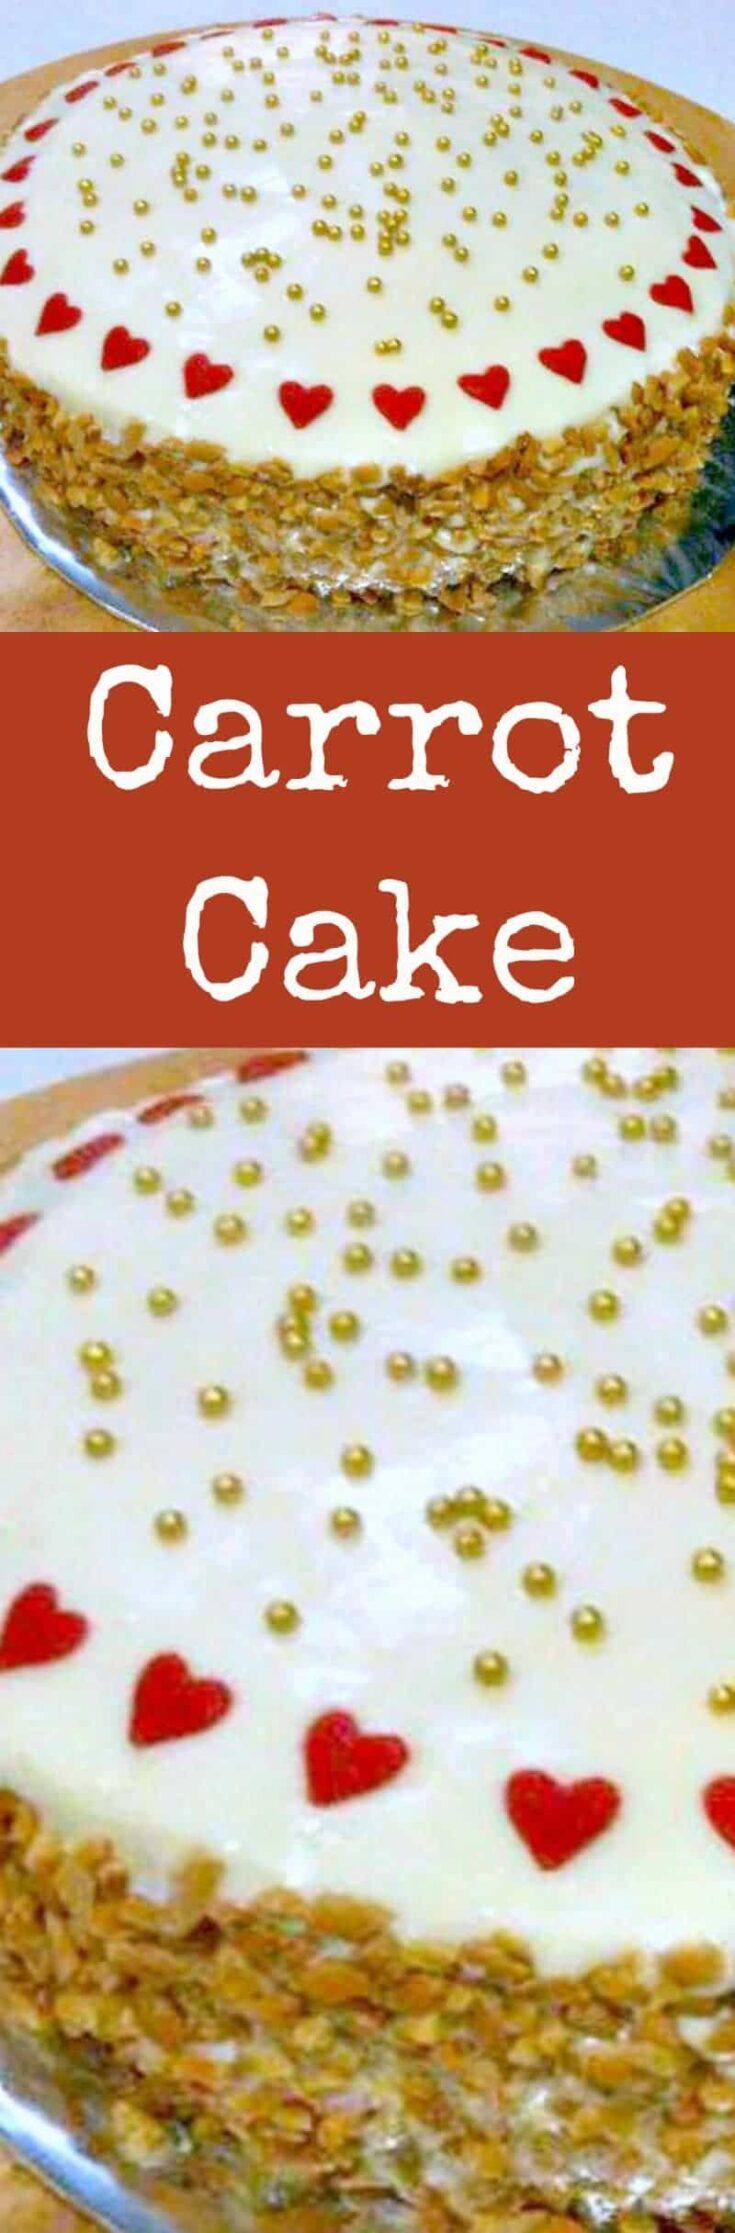 Carrot CakePTL